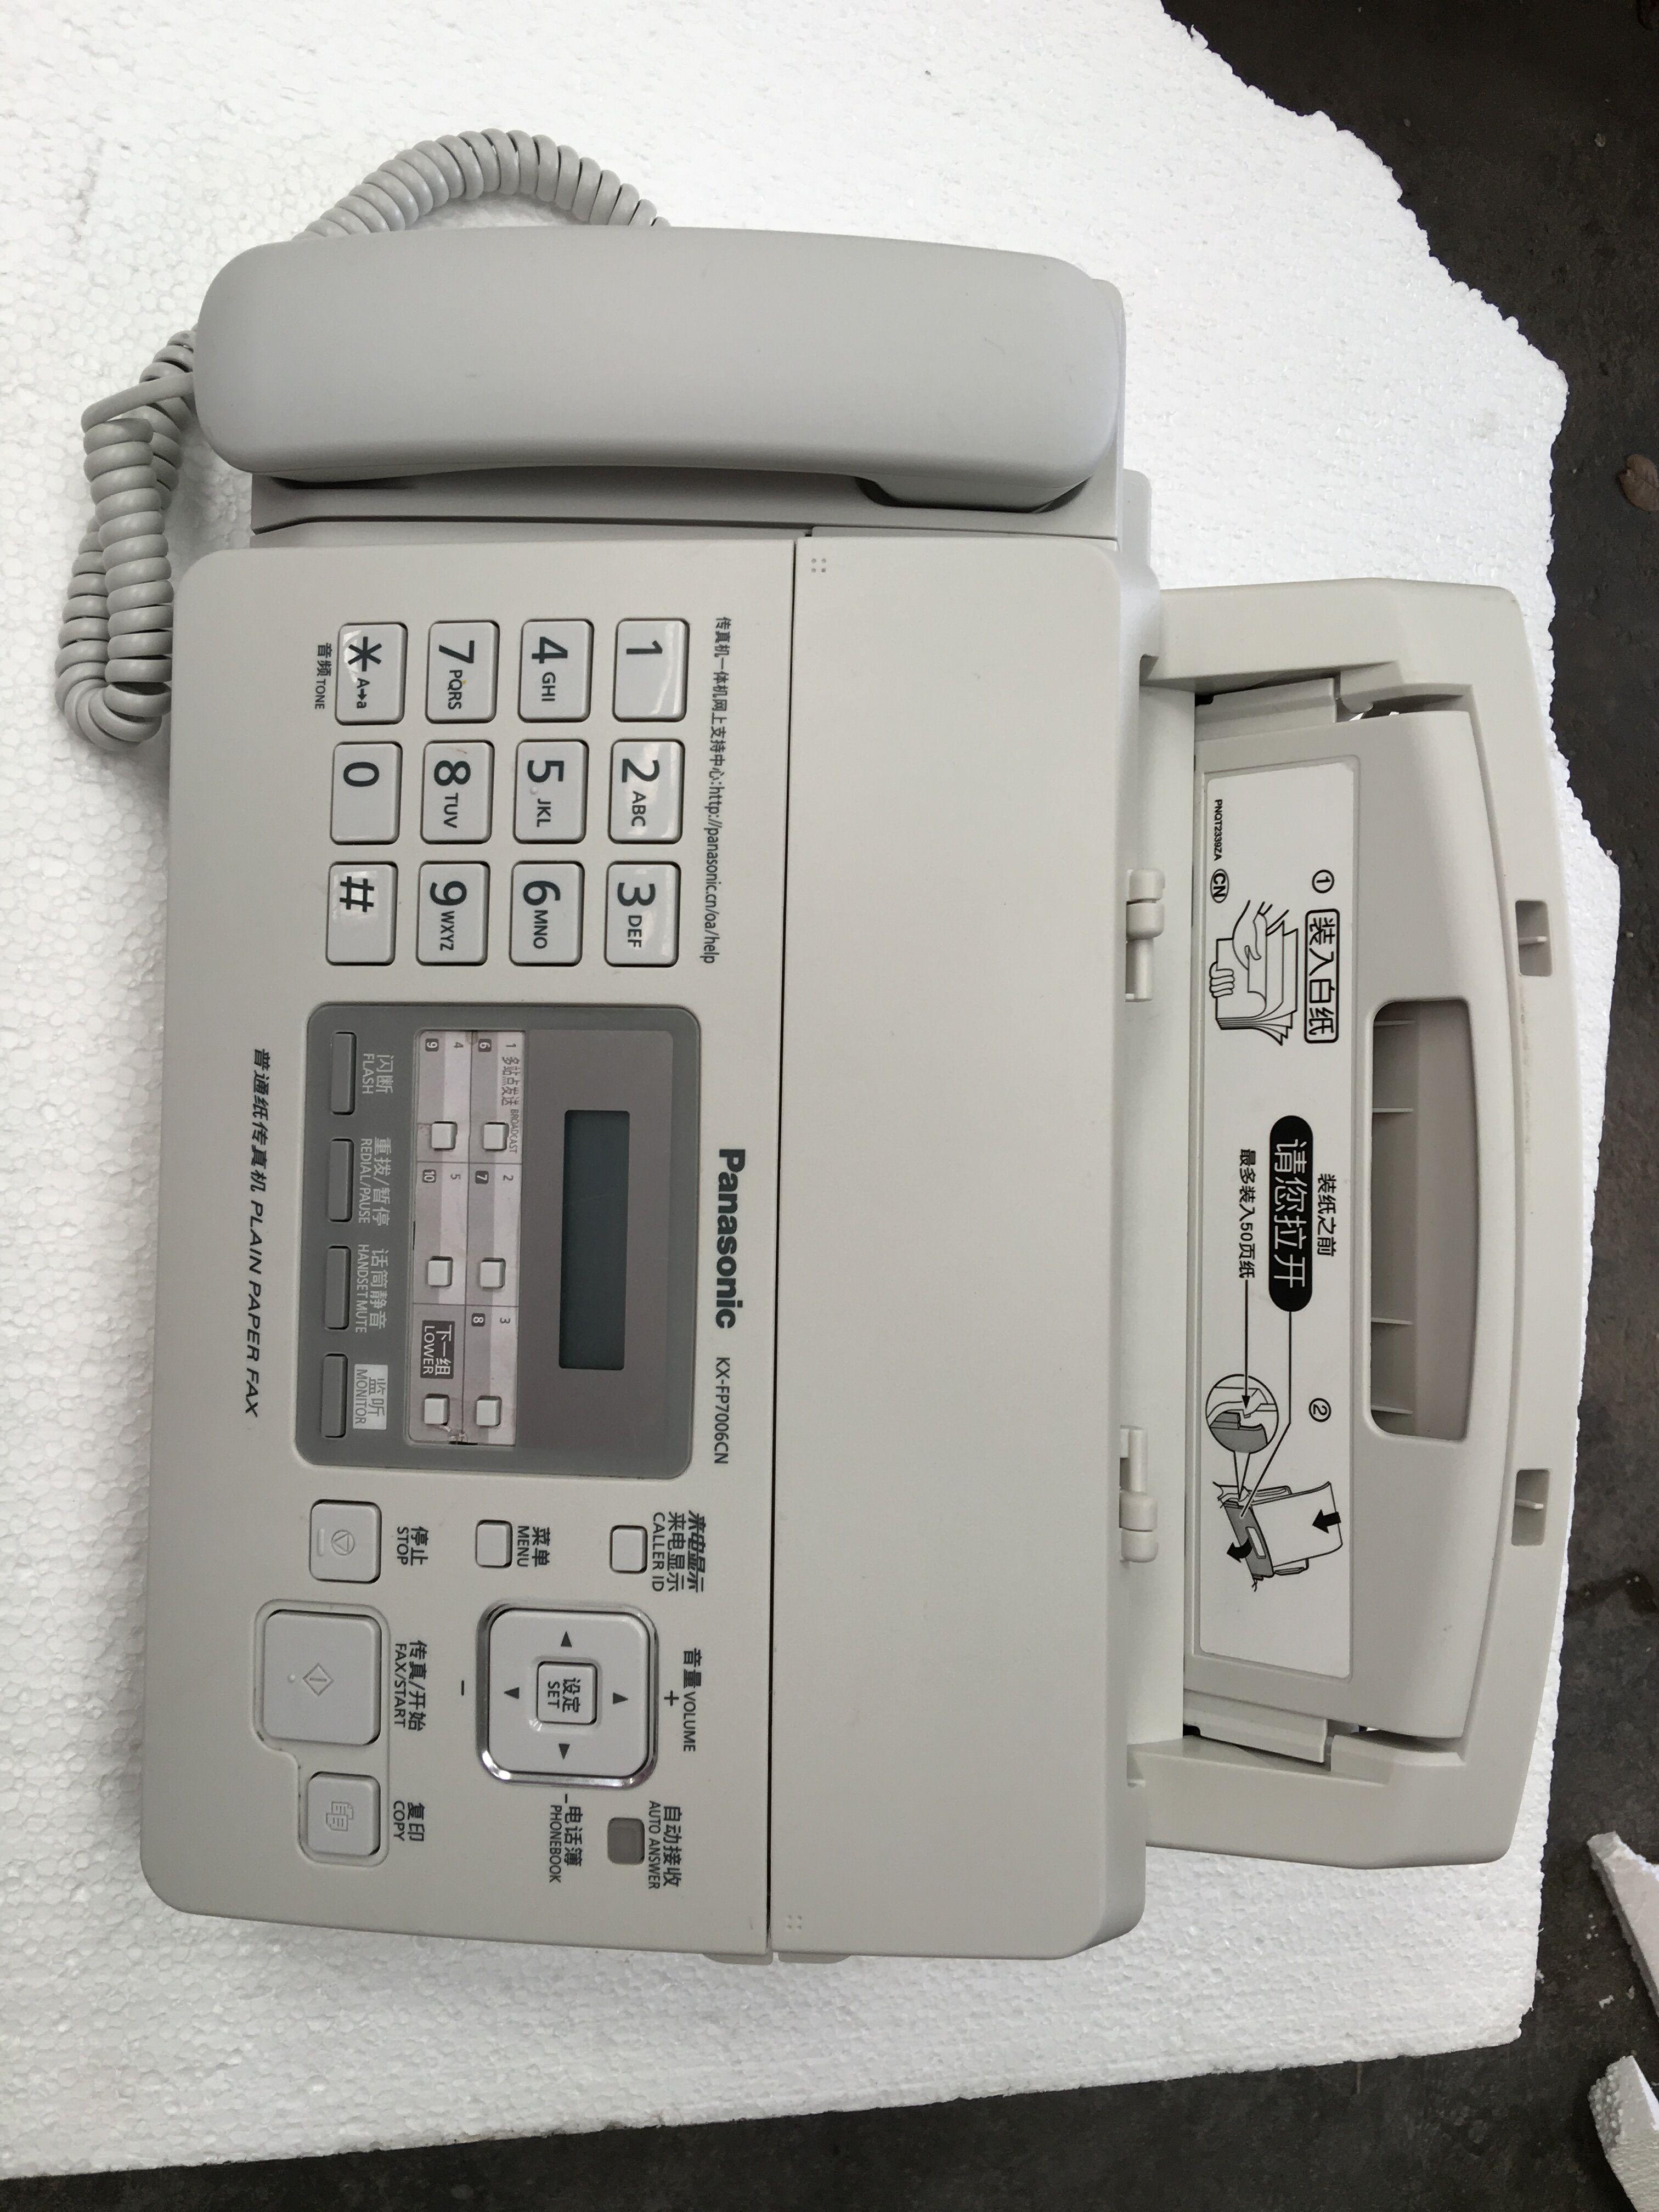 原装二手 松下706/7006/709普通纸 传真机 来电显示A4纸